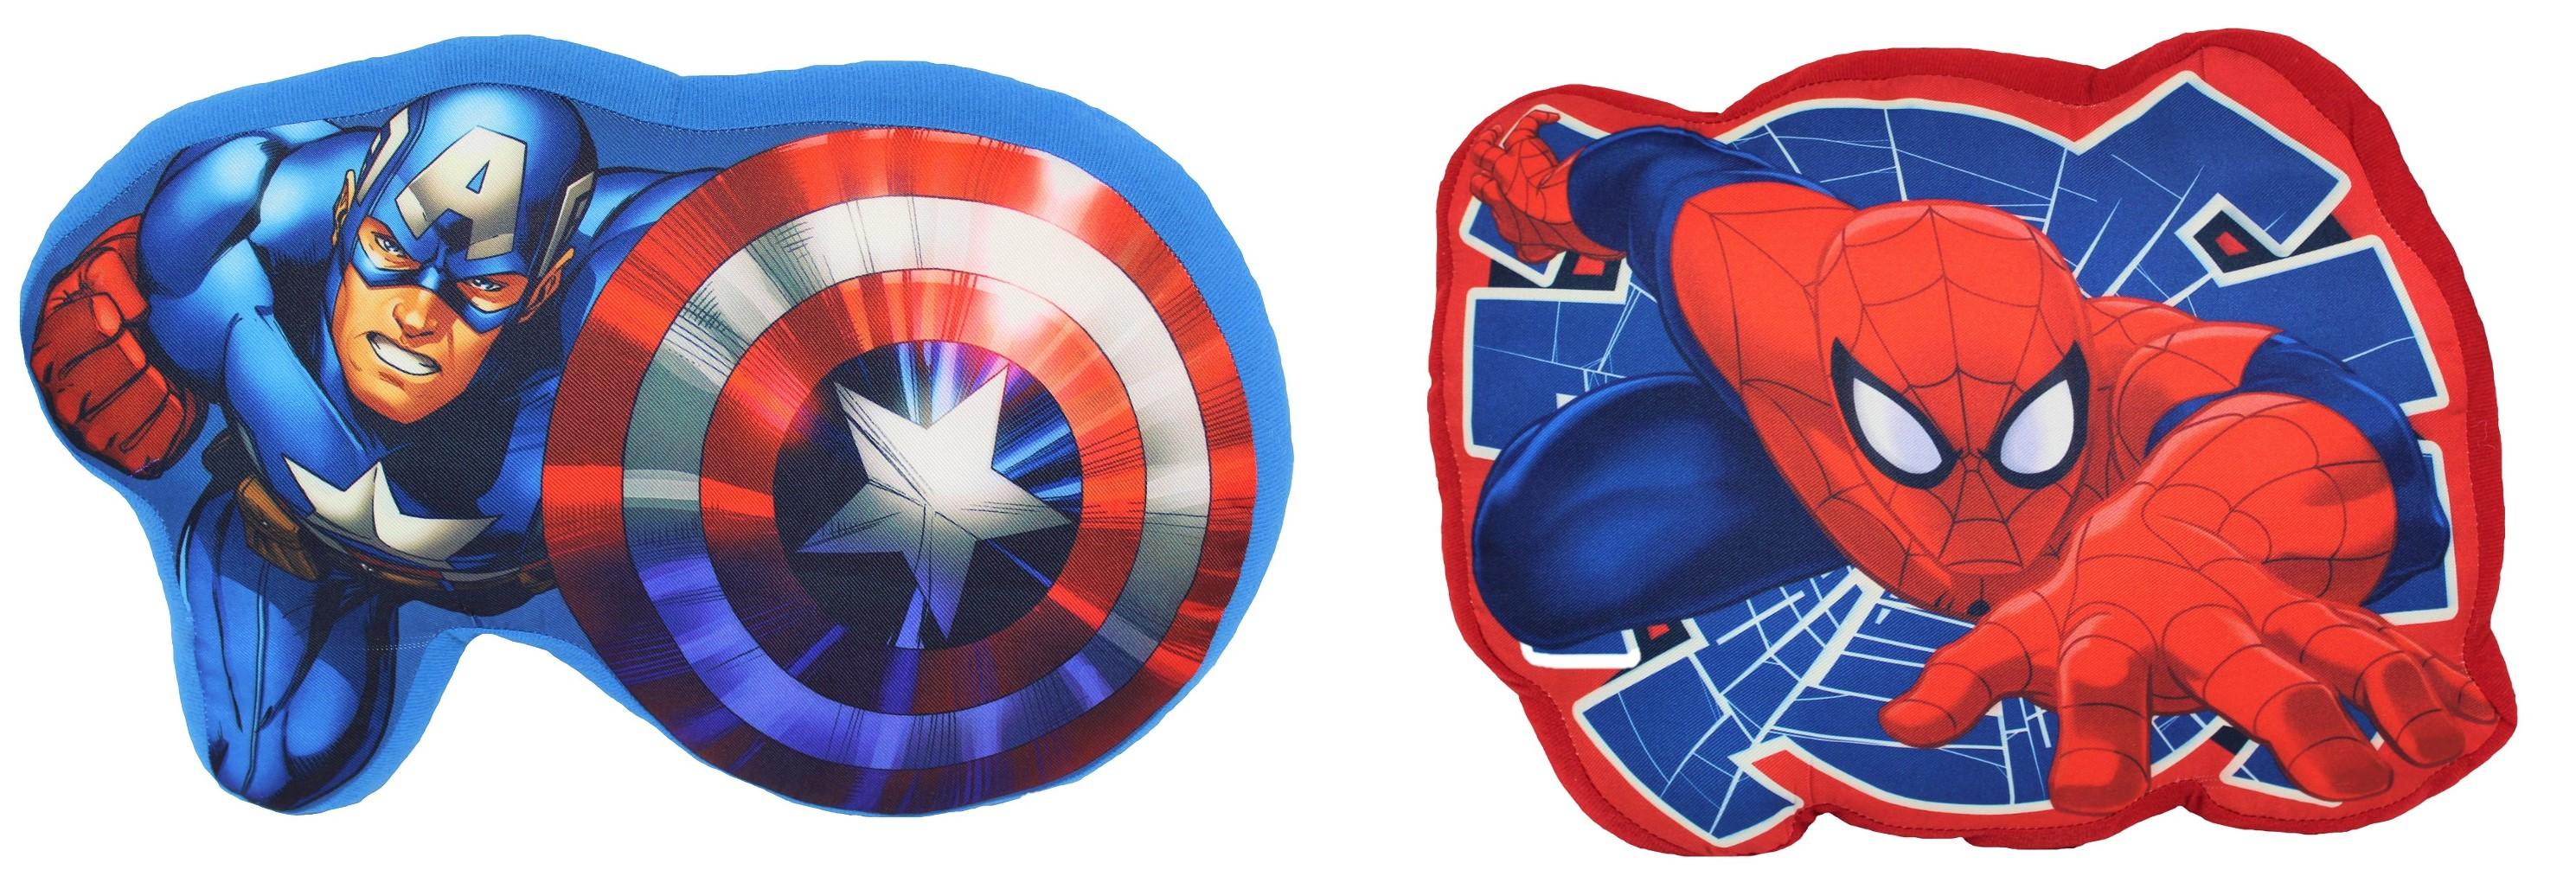 Marvel Formkissen mit Superhelden für Kinder (Auswahl)